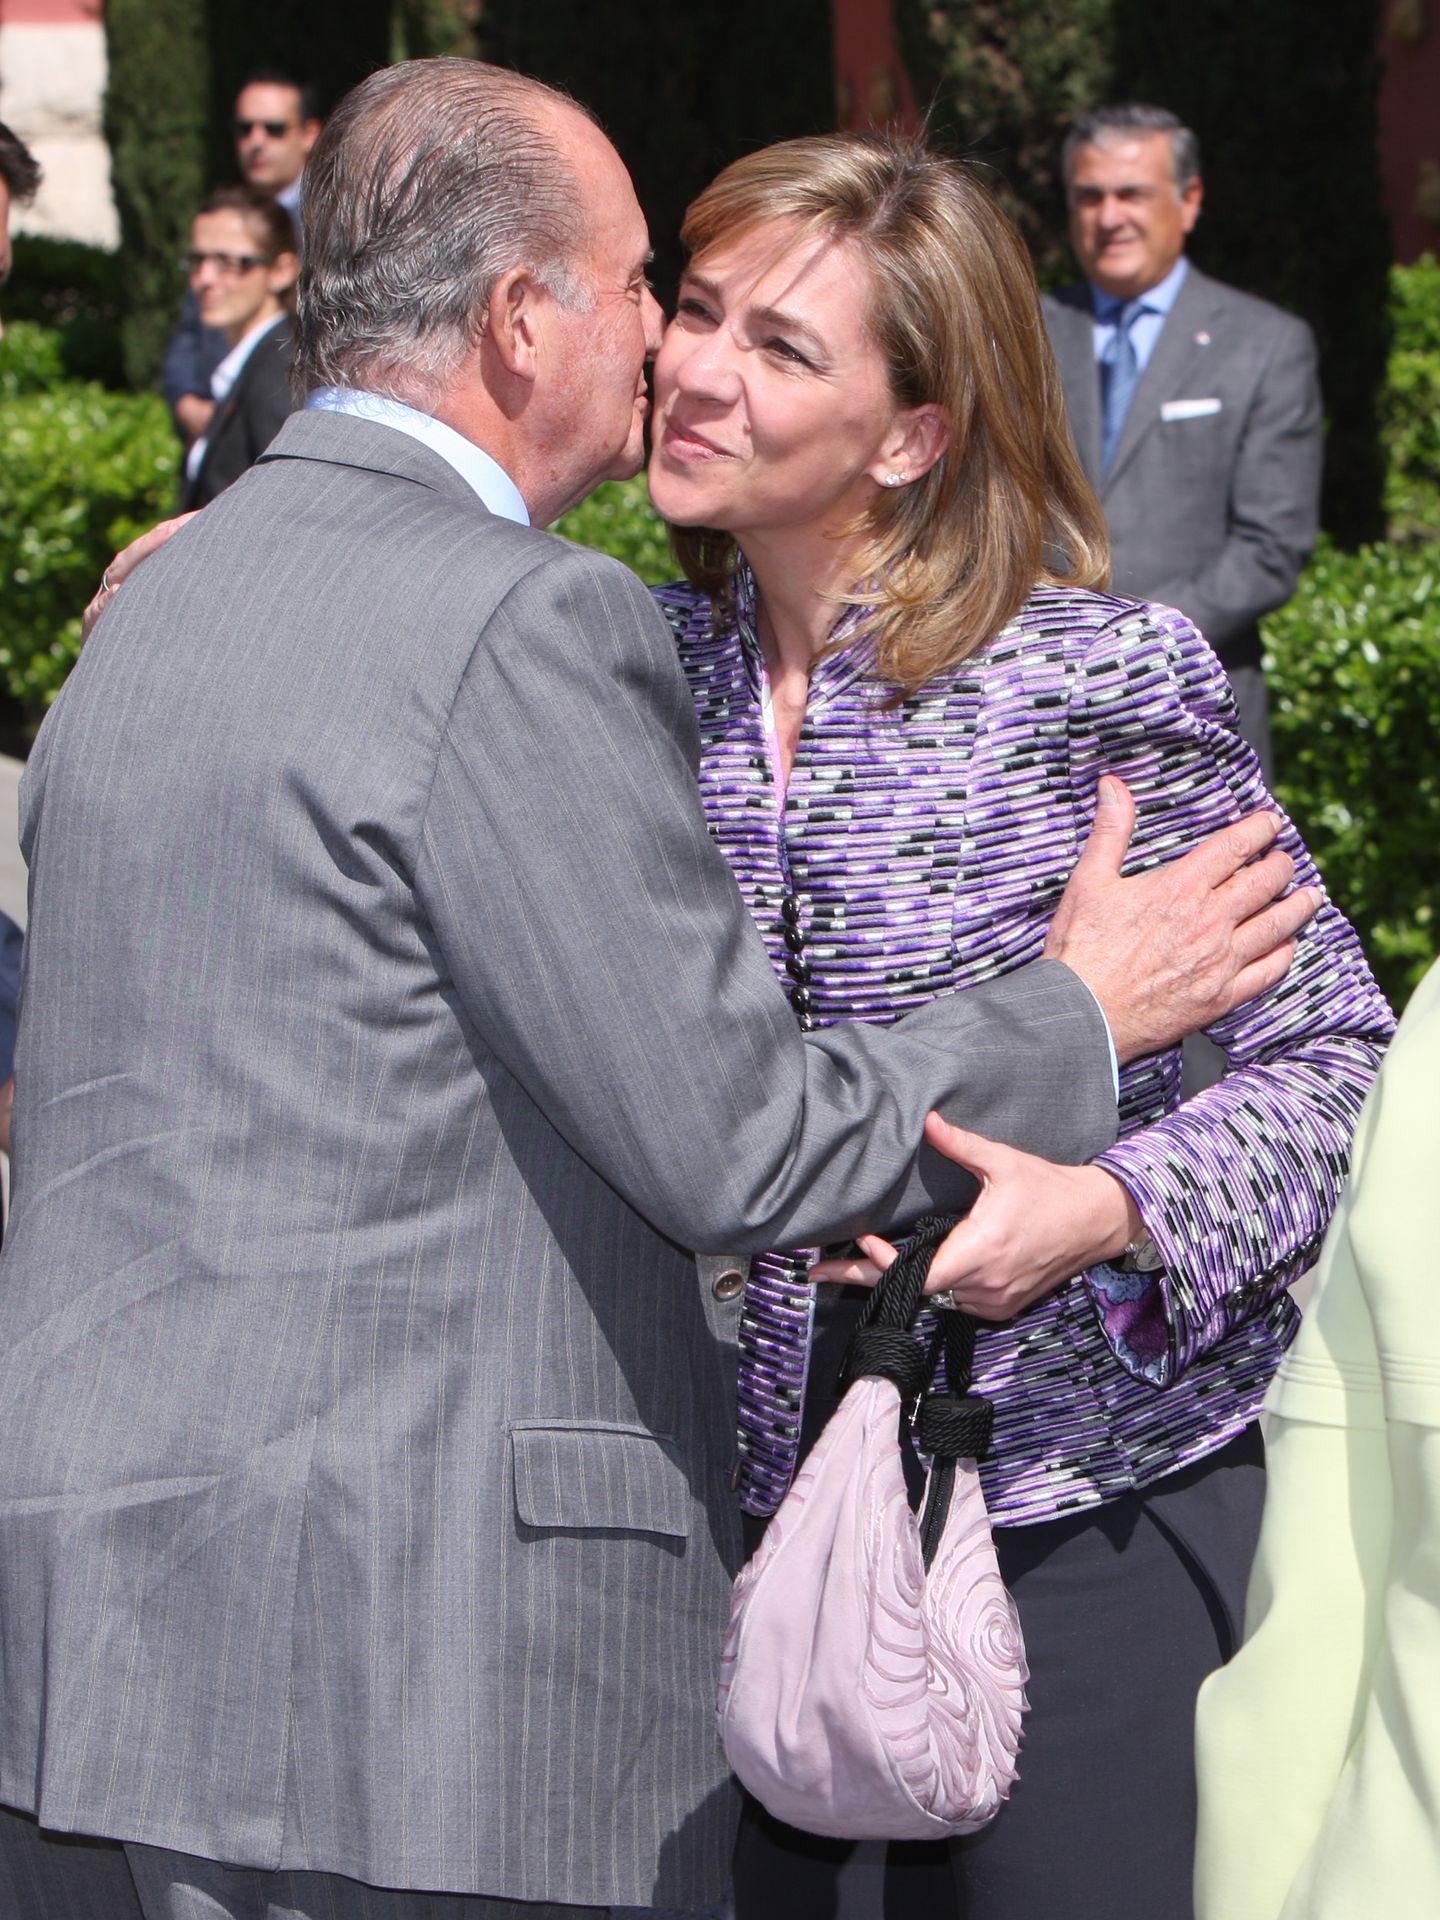 La infanta Cristina y su padre, el rey don Juan Carlos, en una imagen de archivo (I.C.)